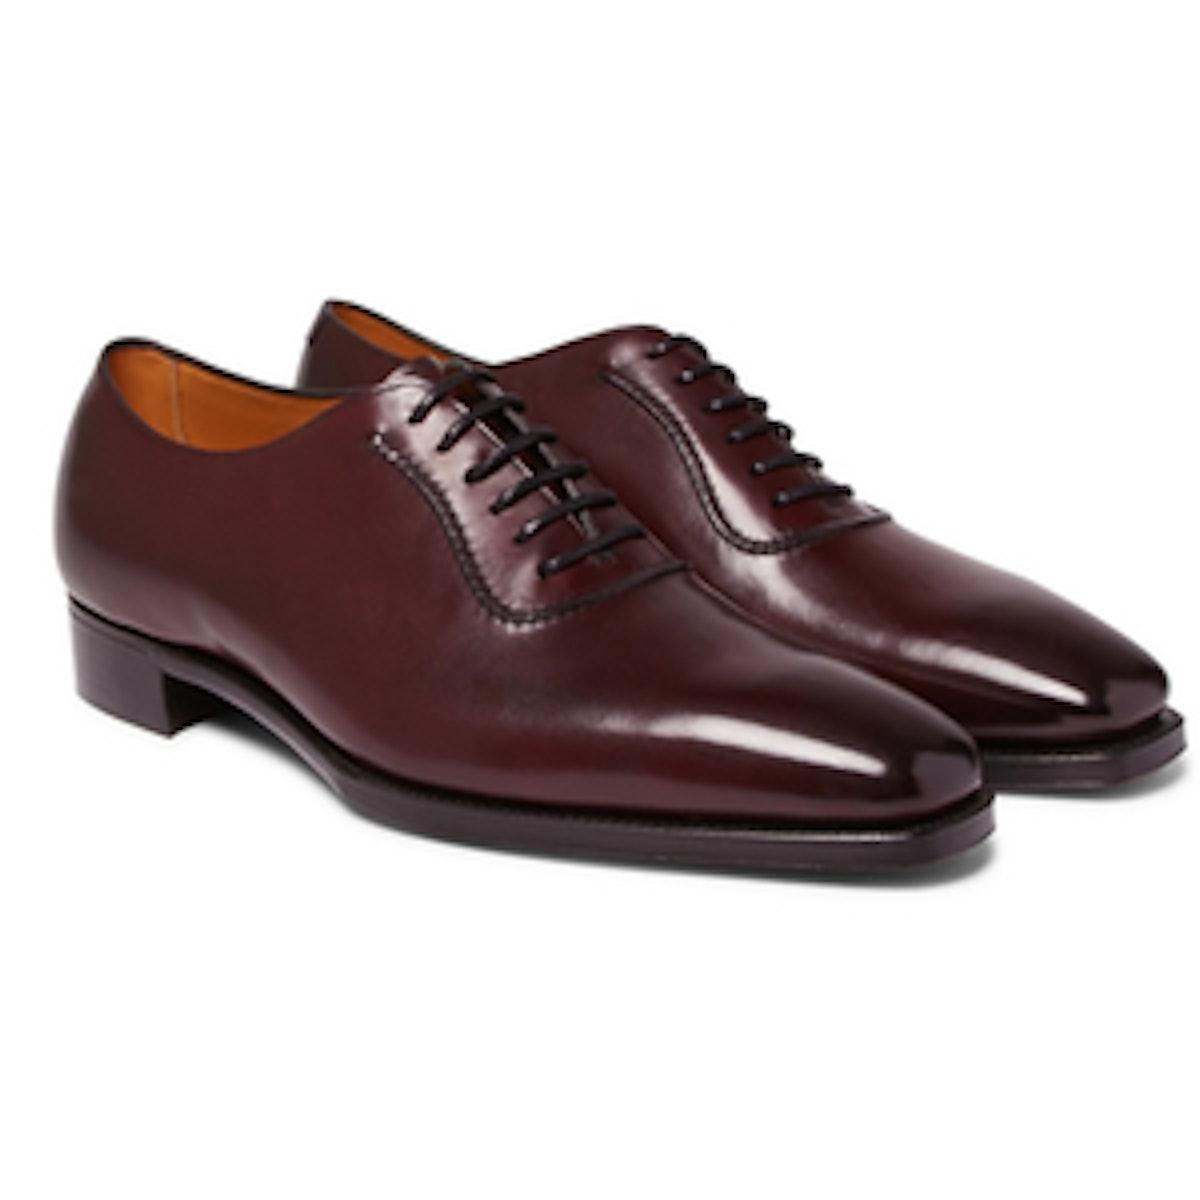 Westbury Burnished-Leather Oxford Shoes